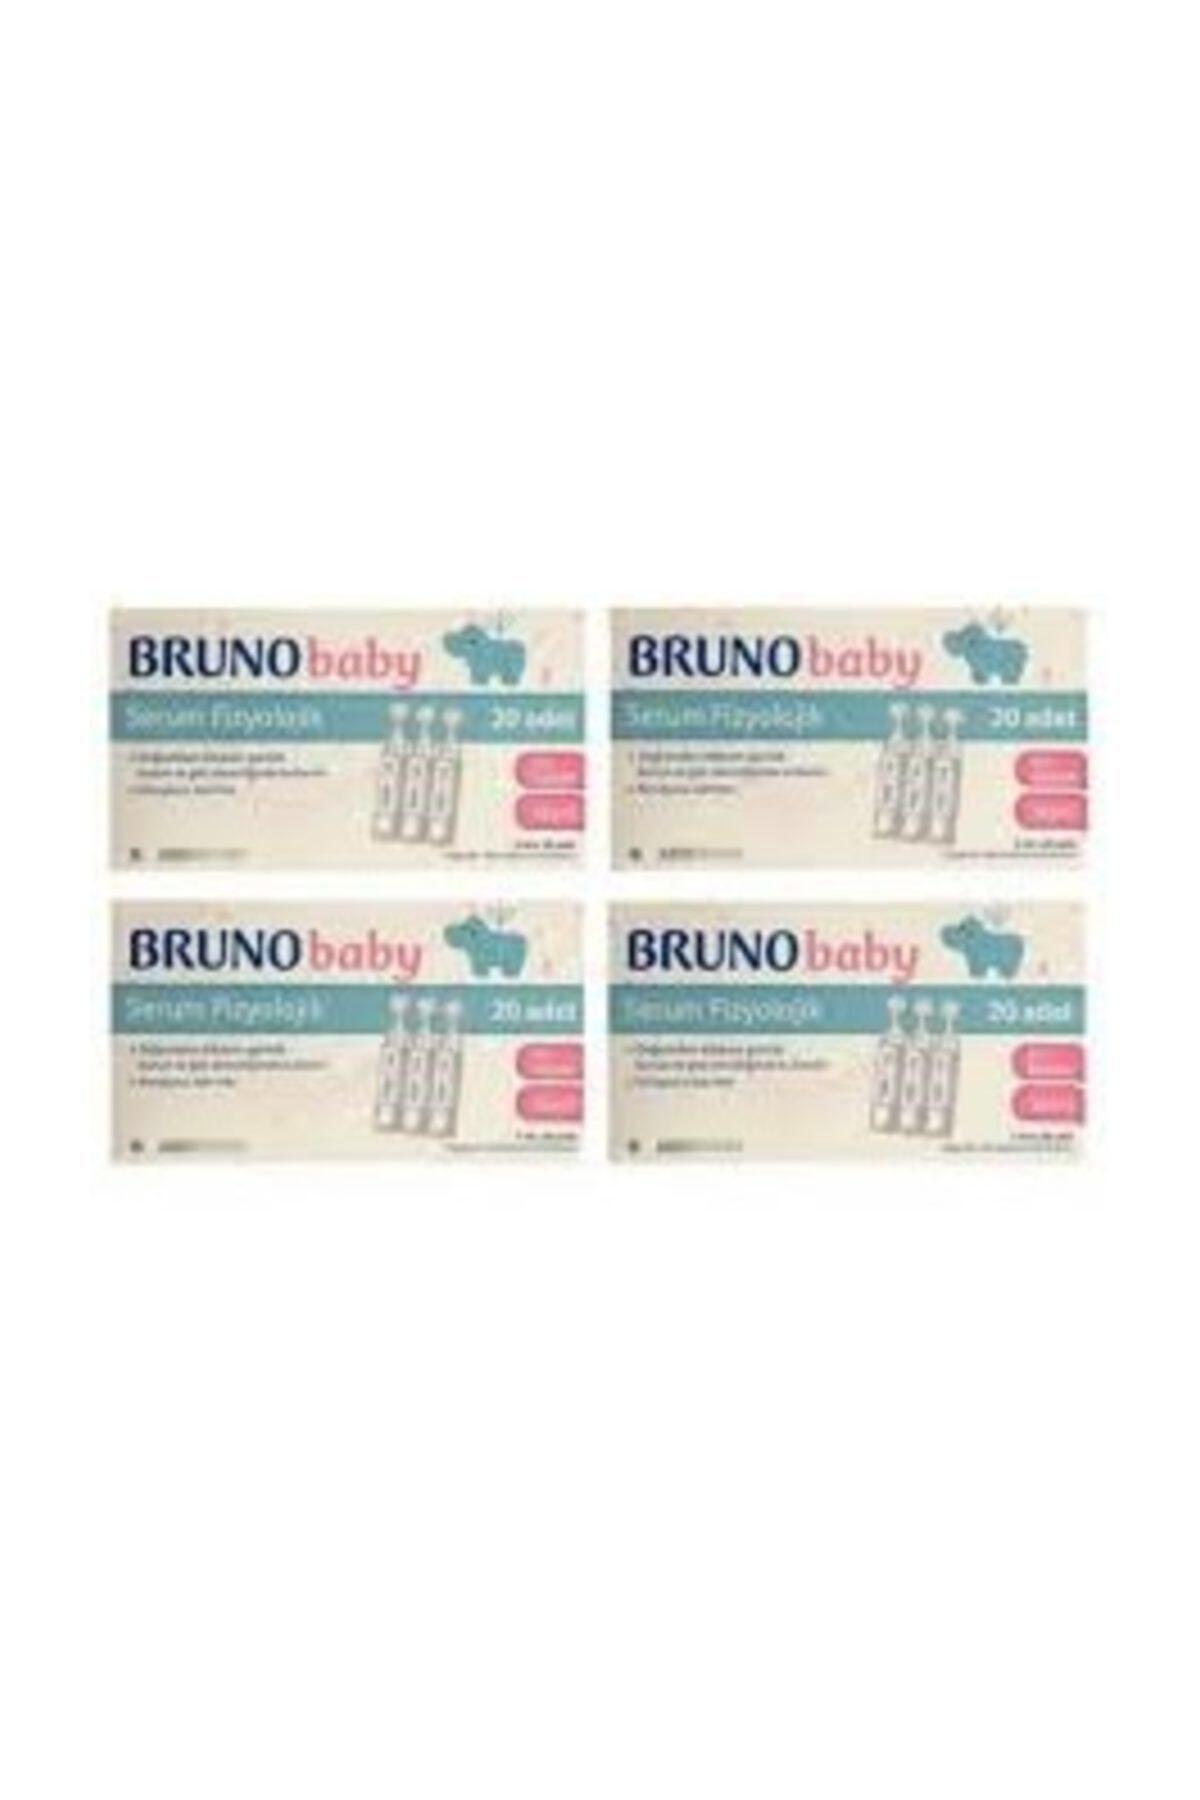 Bruno Baby Serum Fizyolojik 5 Ml 20 Flakon 4 Adet Skt:06-22 1